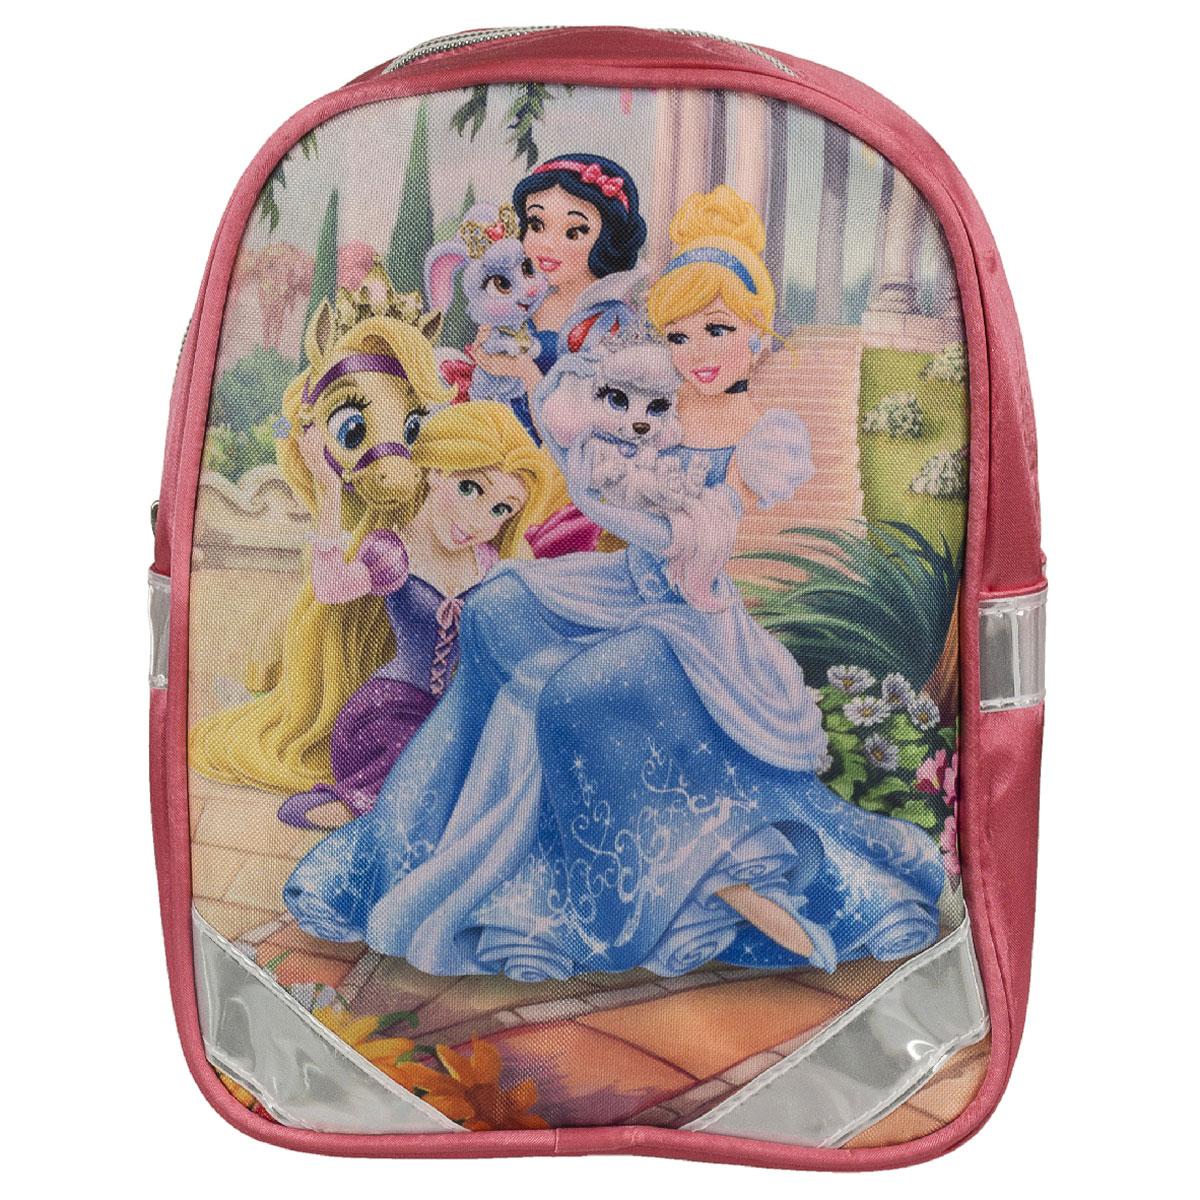 Рюкзак детский Kinderline Princess, цвет: розовыйPRCB-UT4-531Рюкзак детский Kinderline Princess выполнен из износоустойчивых материалов с водонепроницаемой основой, декорирован ярким рисунком. Рюкзак имеет одно вместительное основное отделение, закрывающееся на молнию.Ранец оснащен светоотражателями, удобной ручкой для переноски и двумя широкими лямками, регулируемой длины. С модным рюкзаком Princess ваша малышка будет звездой! Стильный и продуманный до мелочей рюкзак позаботится о том, чтобы прогулки доставляли ребенку только удовольствие.